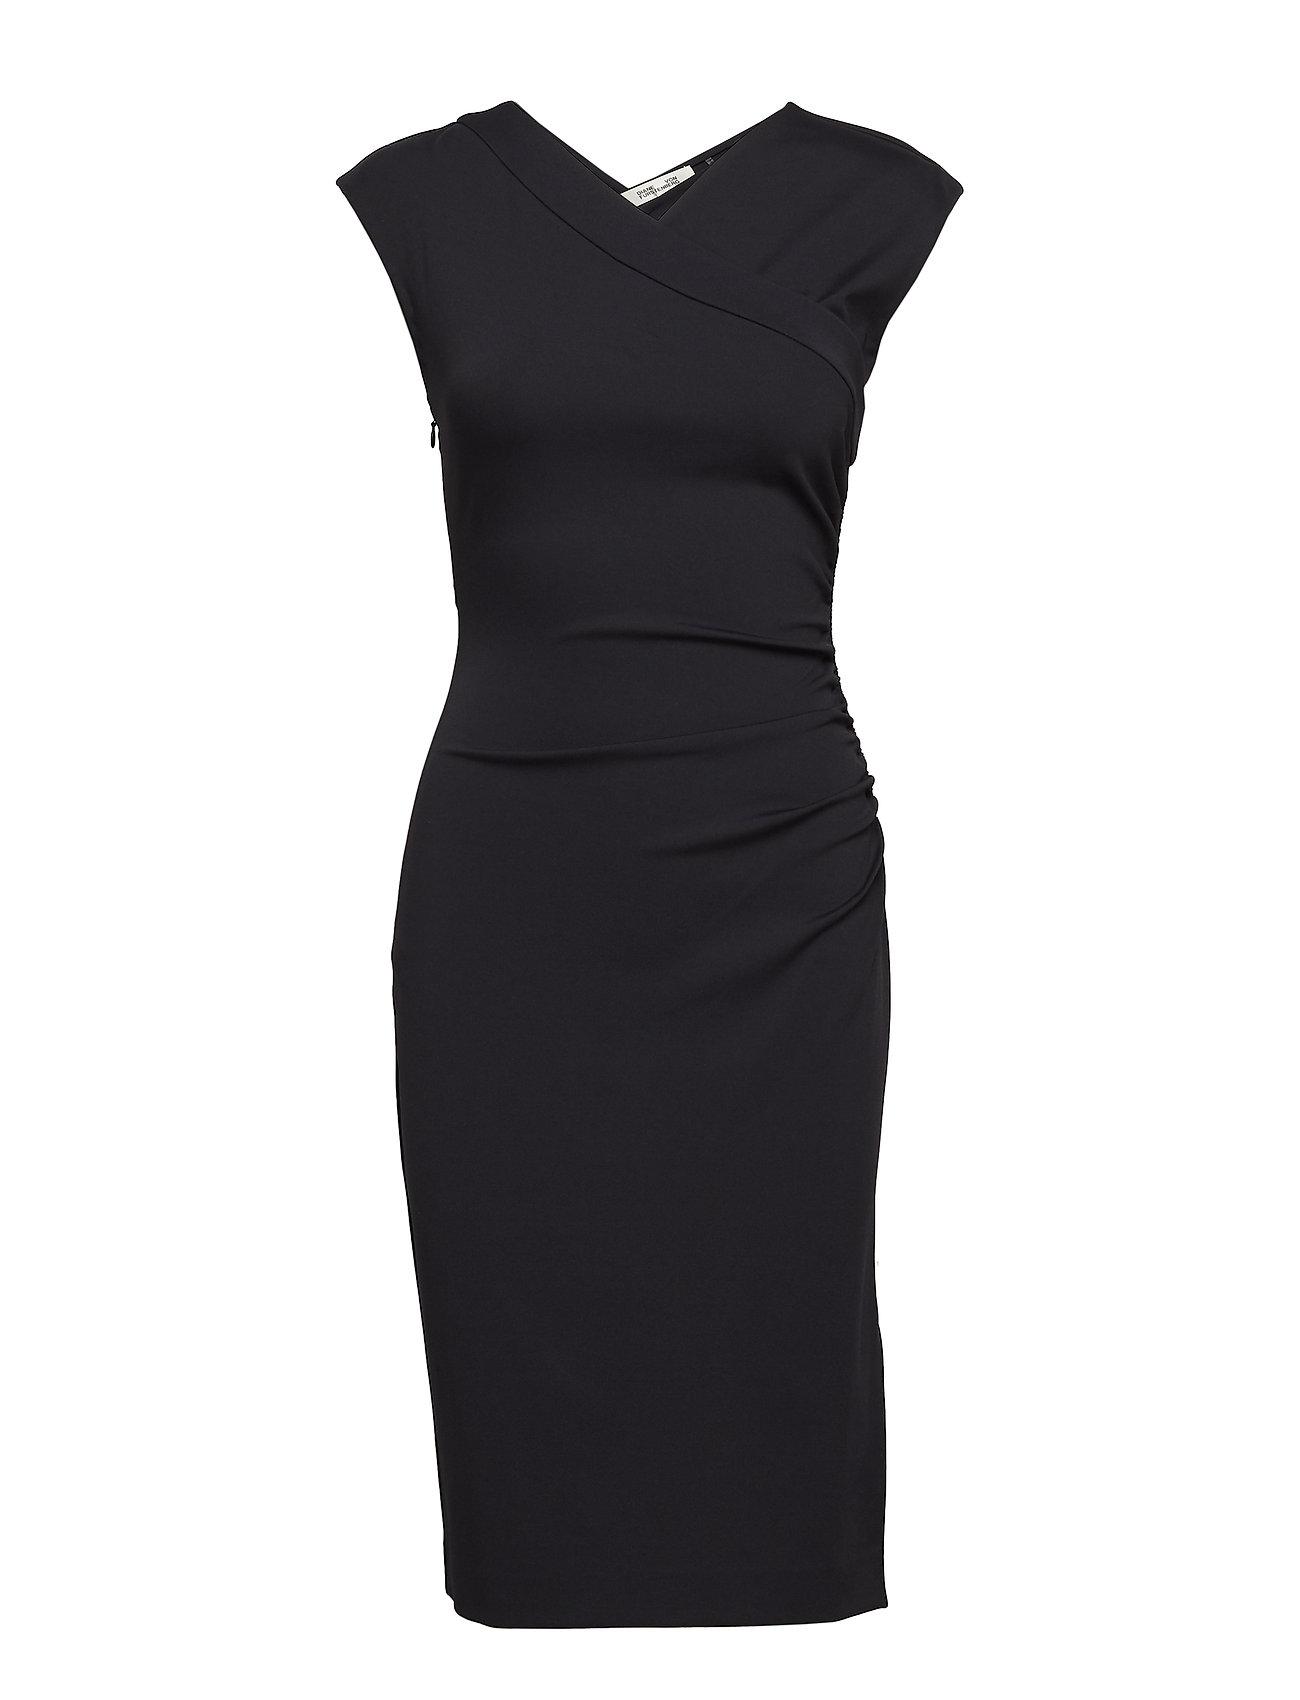 Cap Slv Ruched Jersey Dress - Diane von Furstenberg